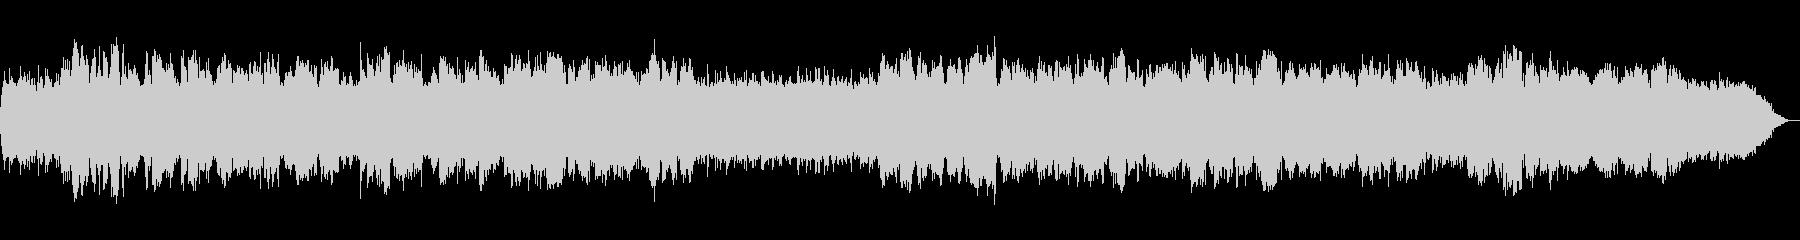 竹笛の低音が印象的なヒーリング音楽の未再生の波形